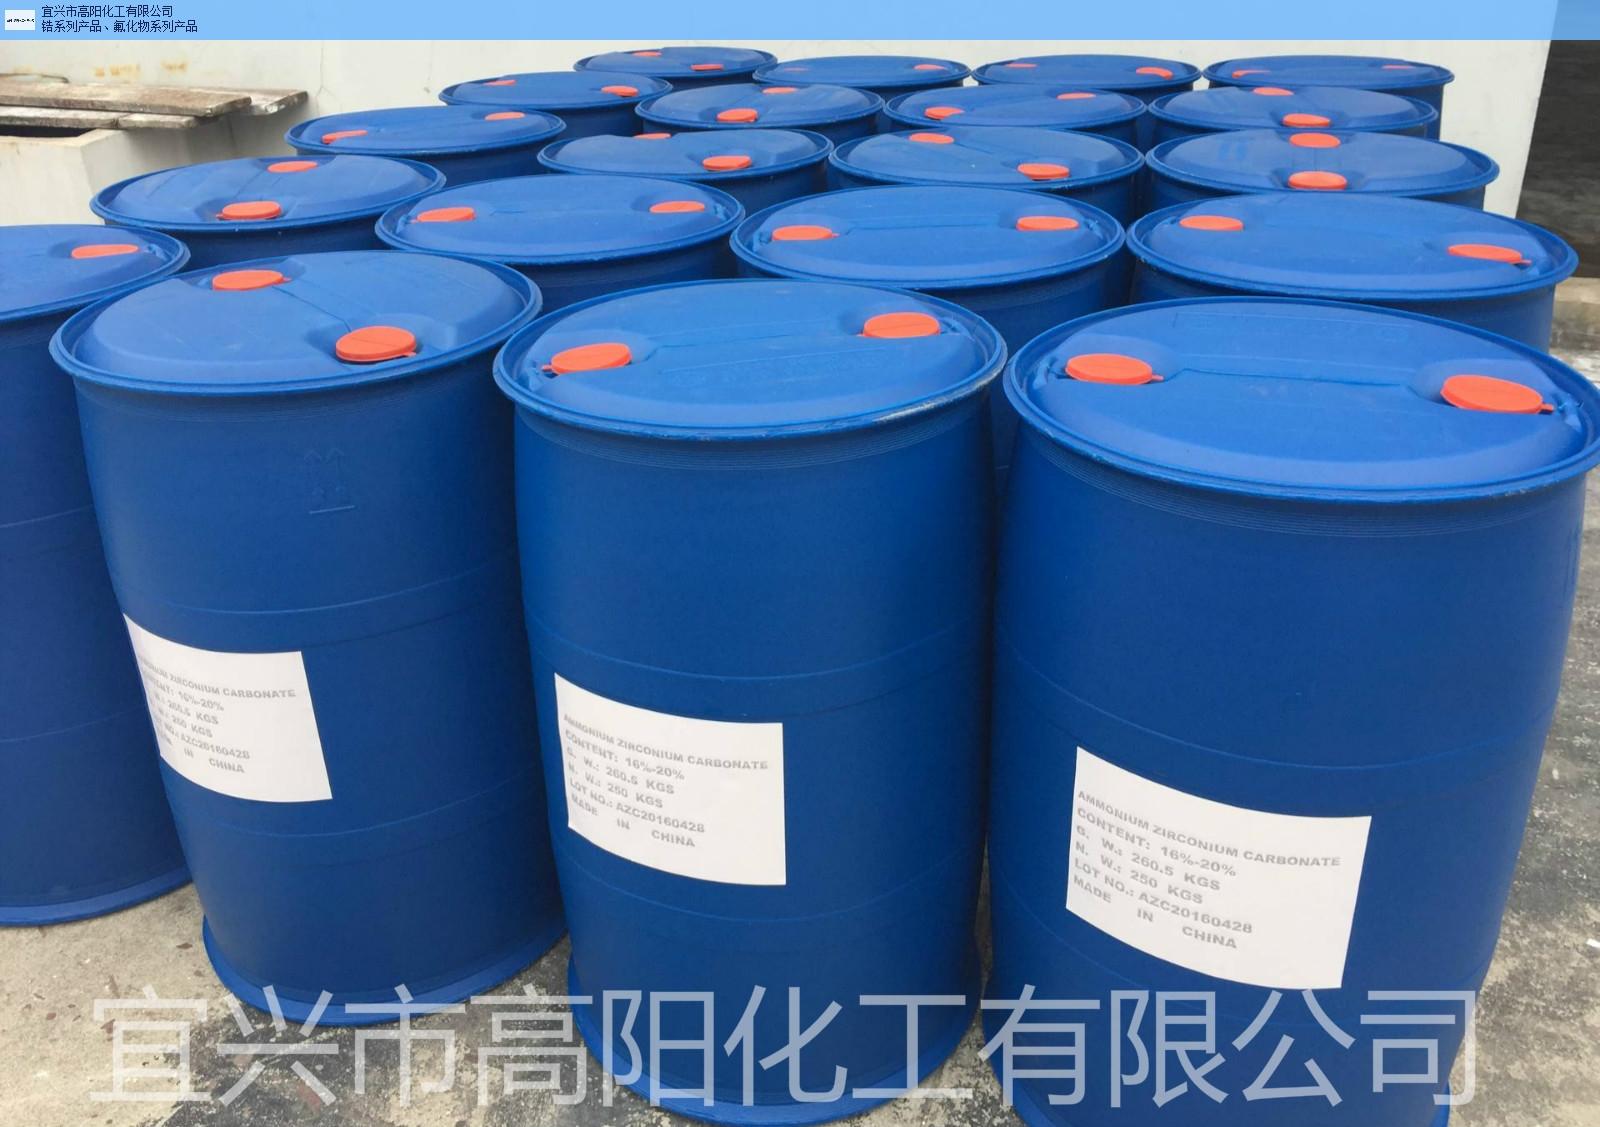 河南碳酸锆钾制造 服务至上 宜兴市高阳化工供应